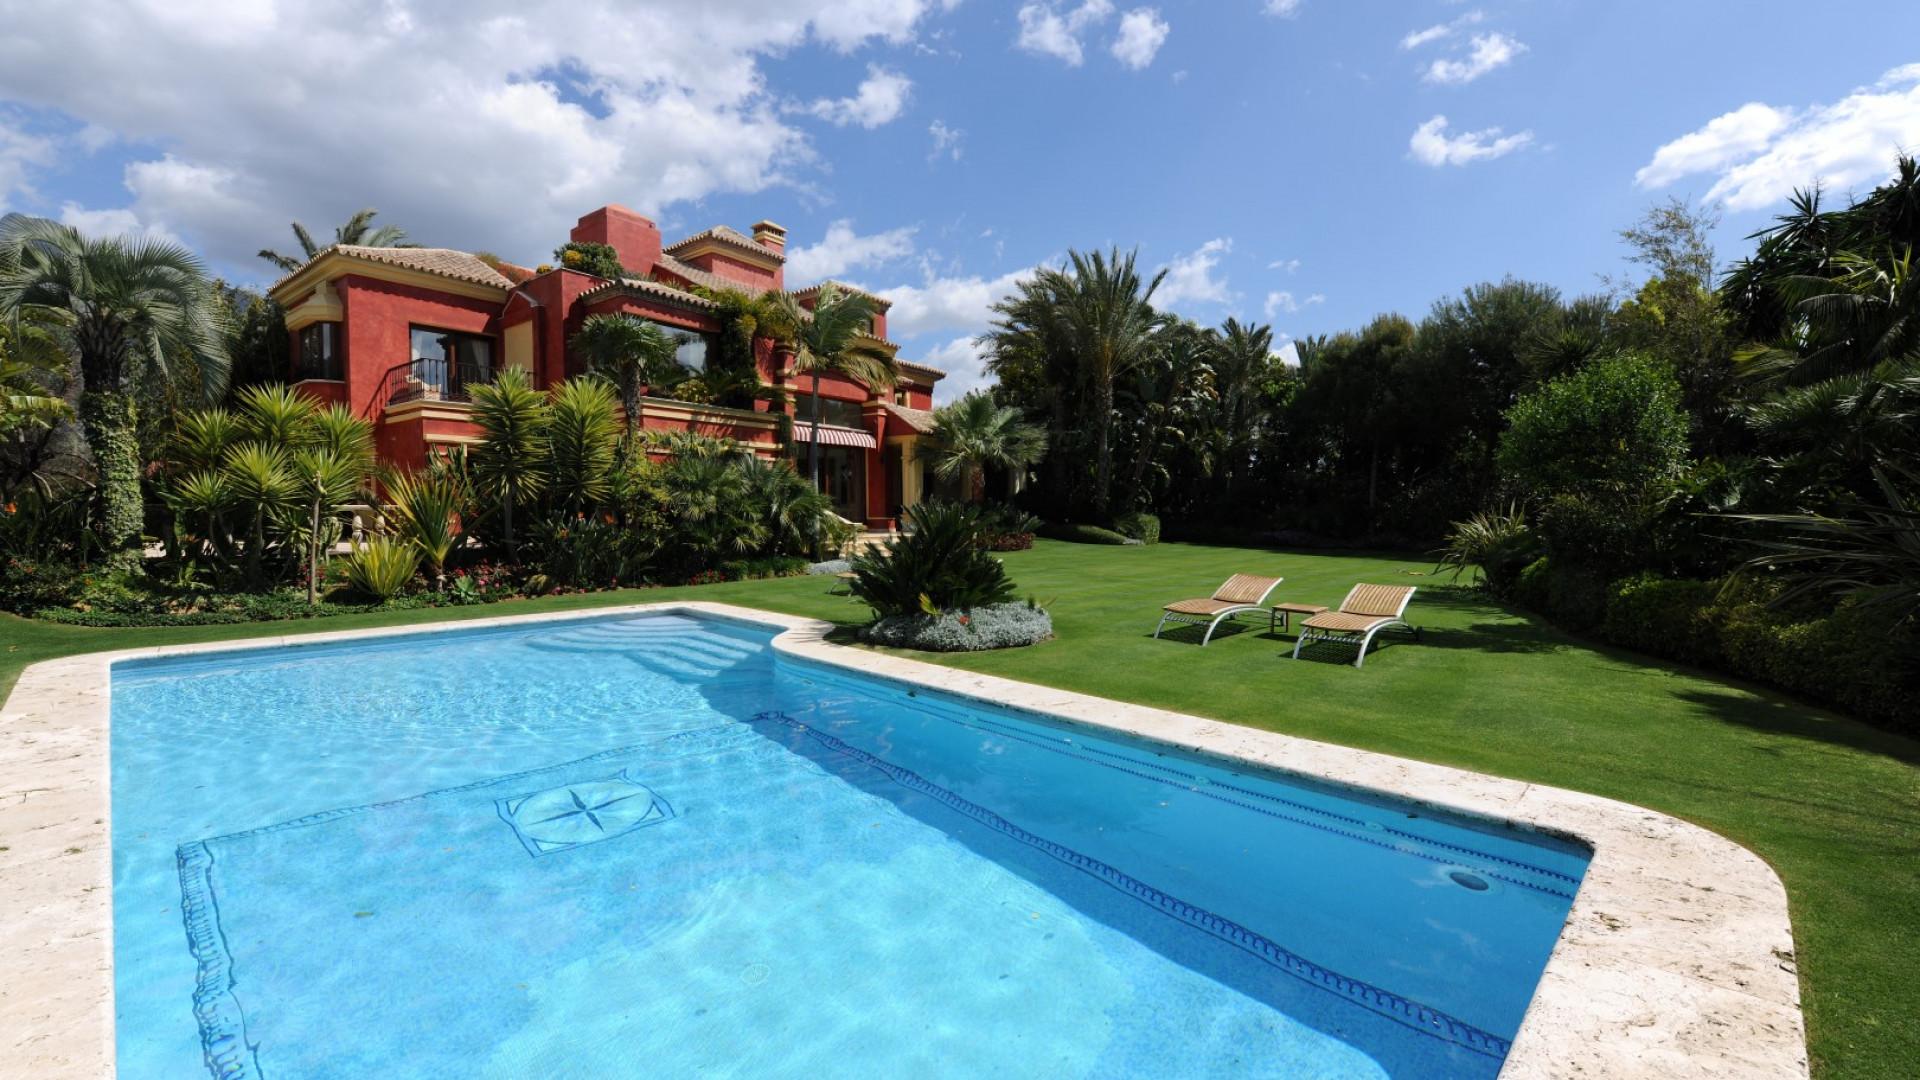 Baños Romanos De Manilva:Propiedades en venta en Altos de Puente Romano, Marbella Golden Mile